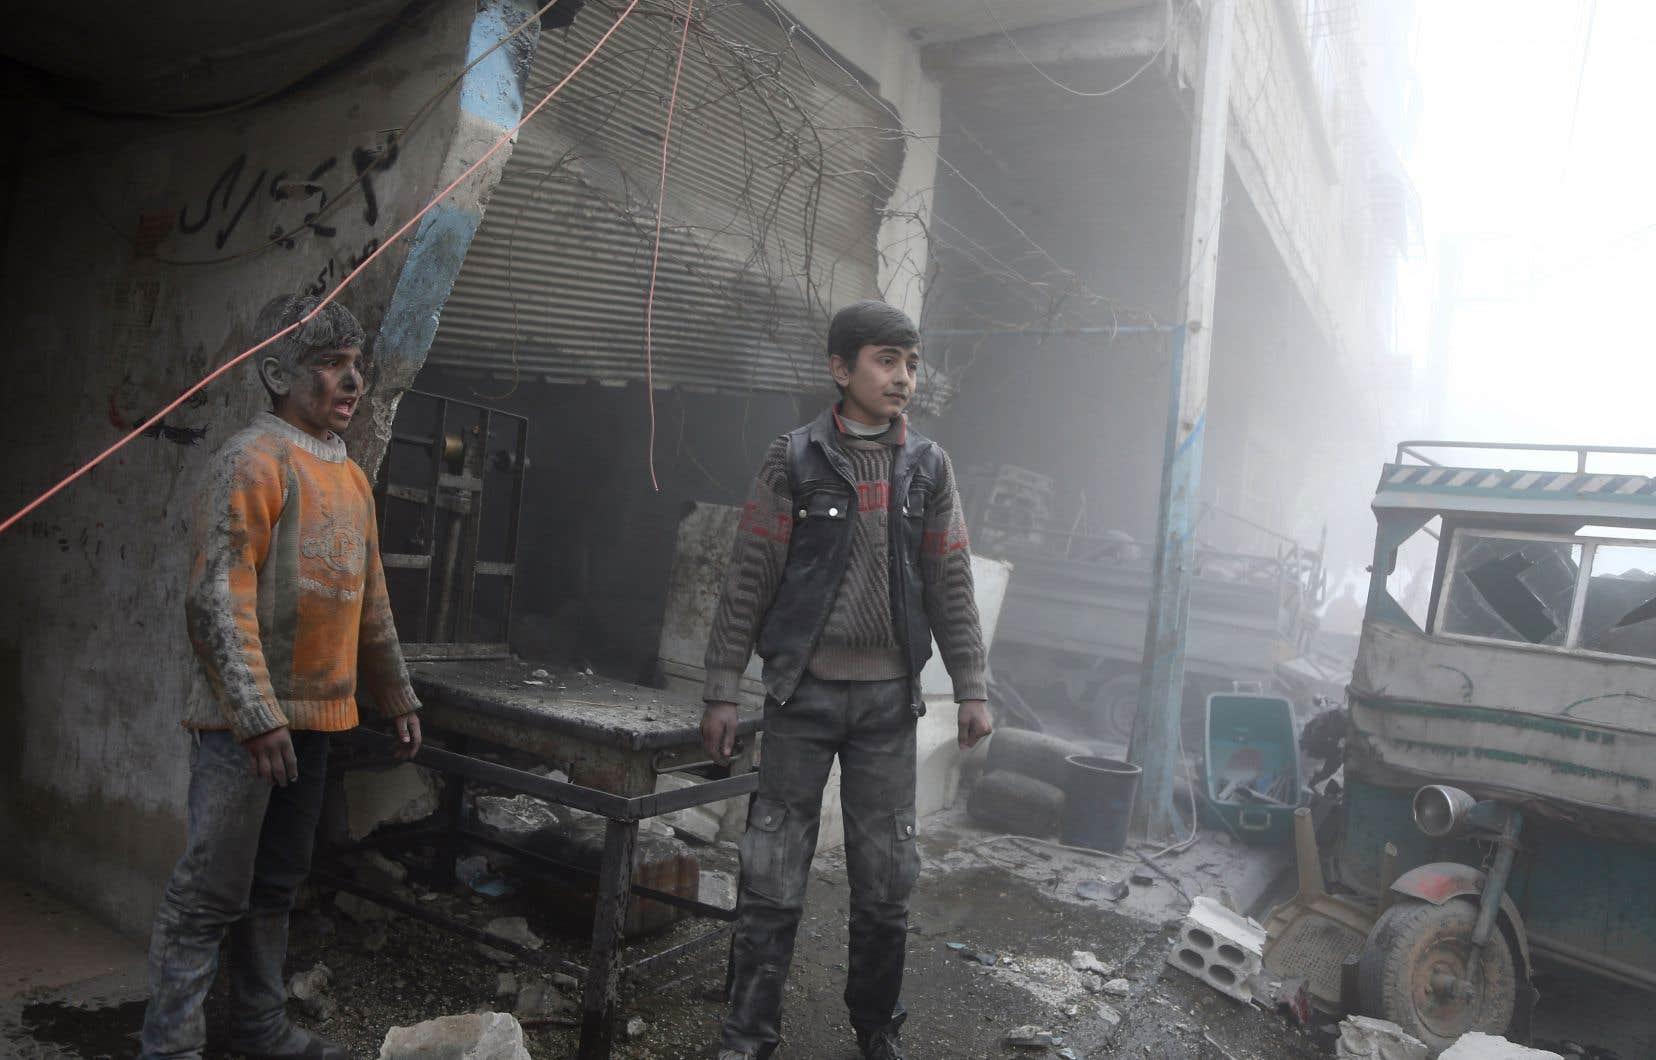 Les nouveaux bombardements aériens ont visé plusieurs localités de la Ghouta, dont Douma et Arbine, tuant au moins 13 civils, selon l'OSDH.